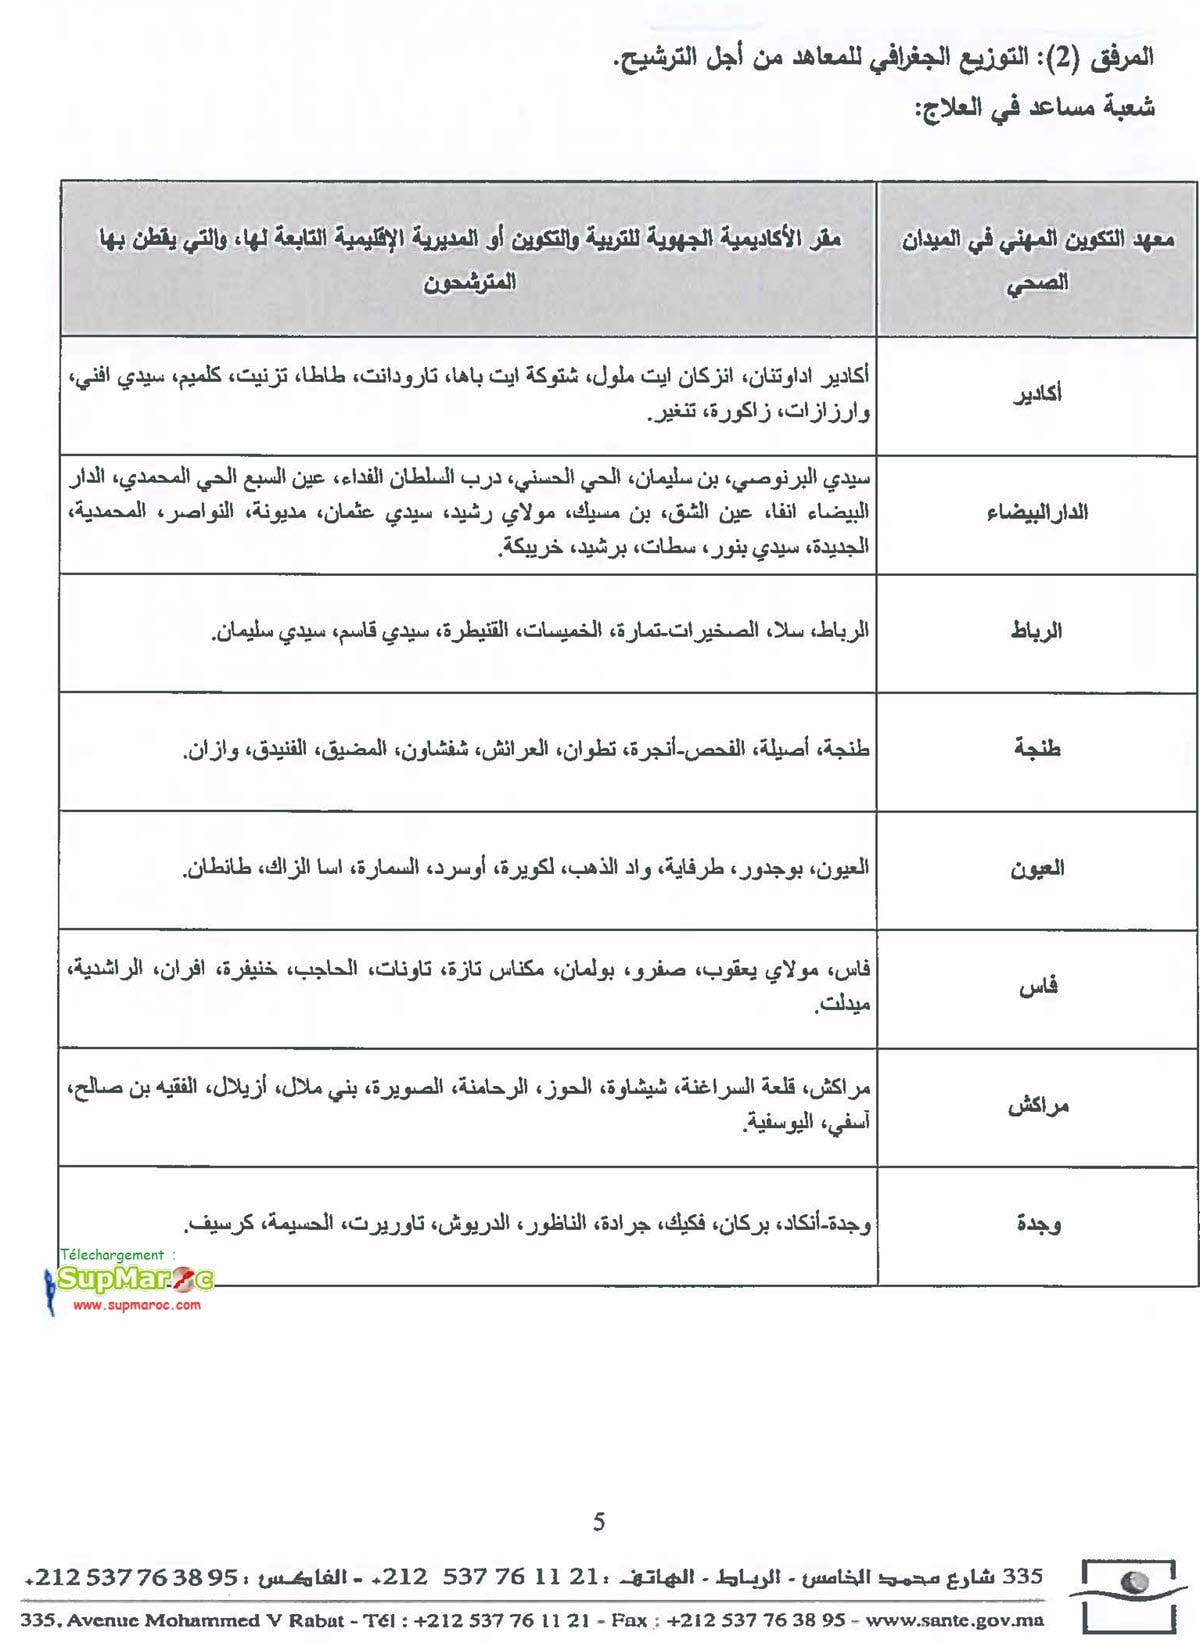 Concours d'accès aux Instituts de Formation Professionnelle dans le domaine de Santé IFPS 550 postes 2020 2021